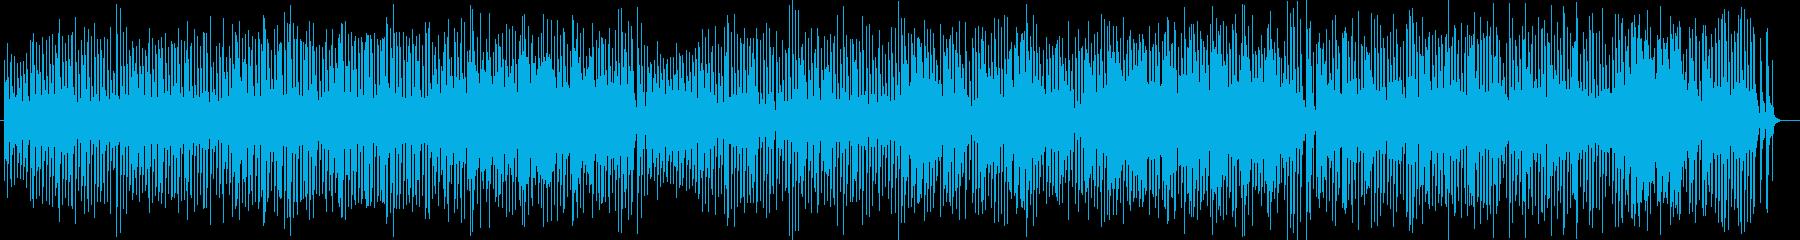 はずむテンポのシンセサイザーサウンドの再生済みの波形